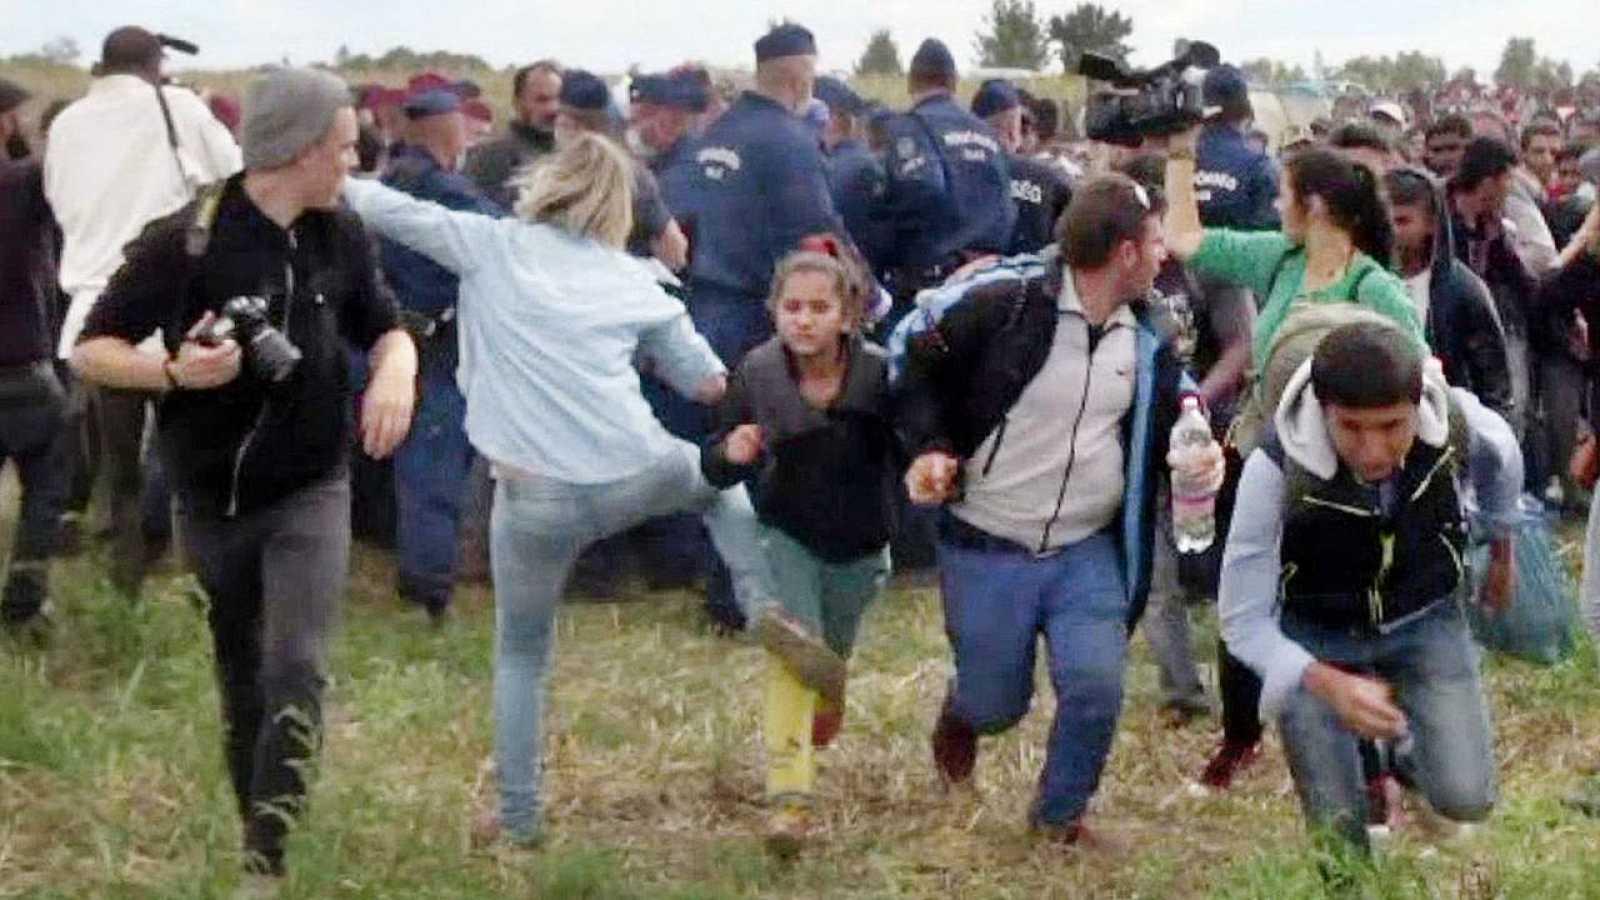 Imagen tomada de un vídeo en el que se ve a la camarógrafa húngara, Petra László (en el centro, con camisa vaquera), dando una patada a una niña que huye, en Roszke, Hungría AFP PHOTO / INDEX.HU